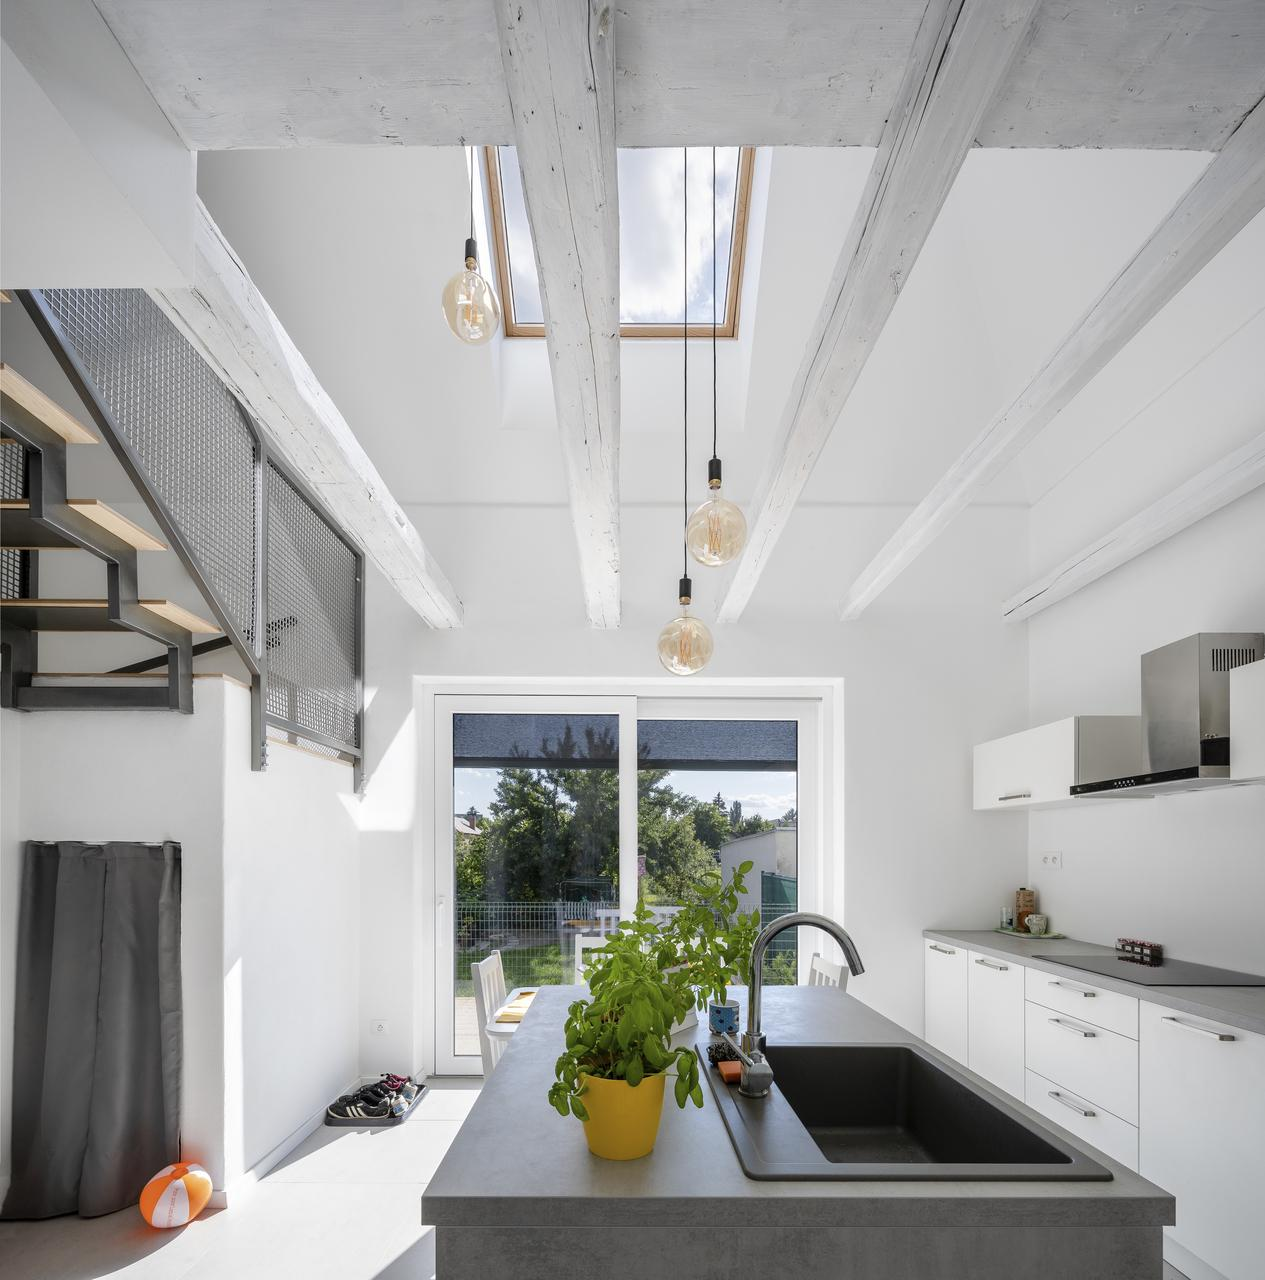 Дизайн інтер'єру кухні і їдальні на мансардному поверсі: фото #0102 Дизайн інтер'єру кухні і їдальні на мансарді 100+ фото